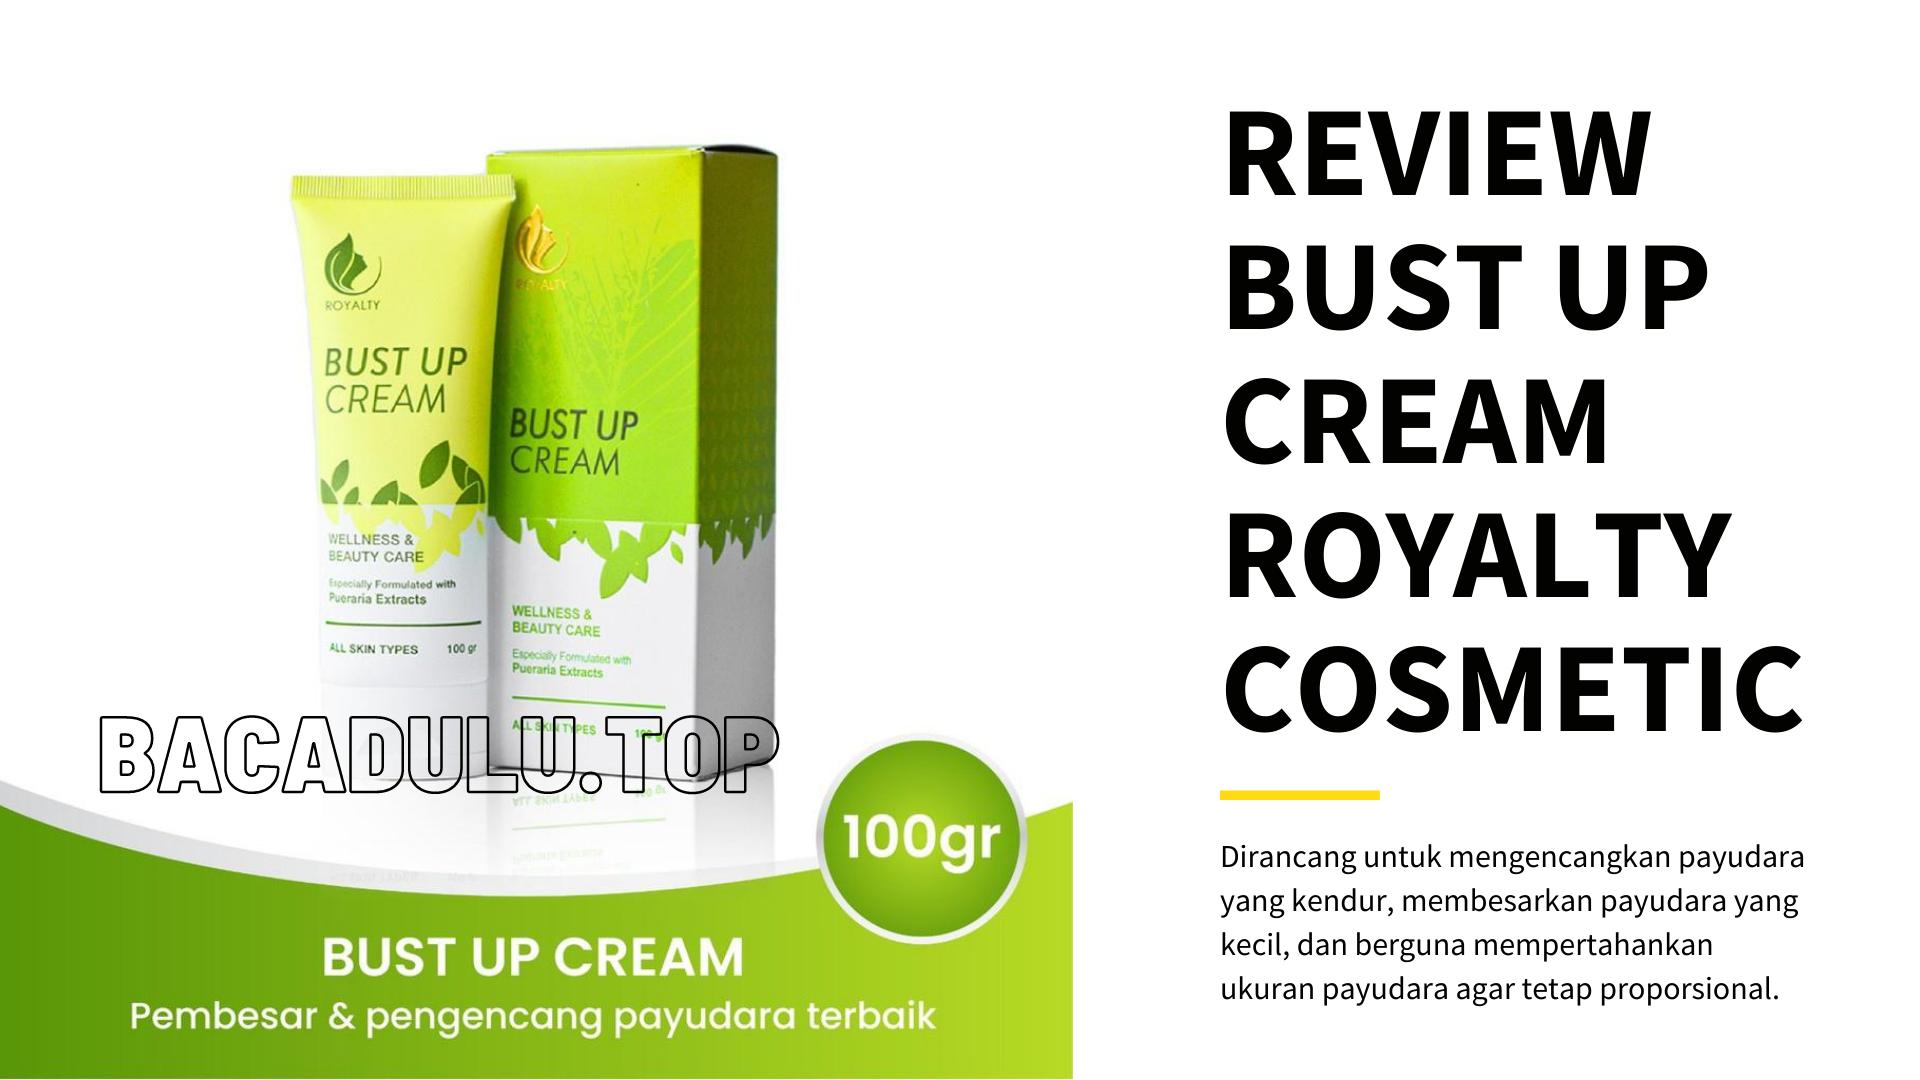 Review Bust Up Cream Royalty Cosmetic, Krim Pembesar Payudara Terbaik